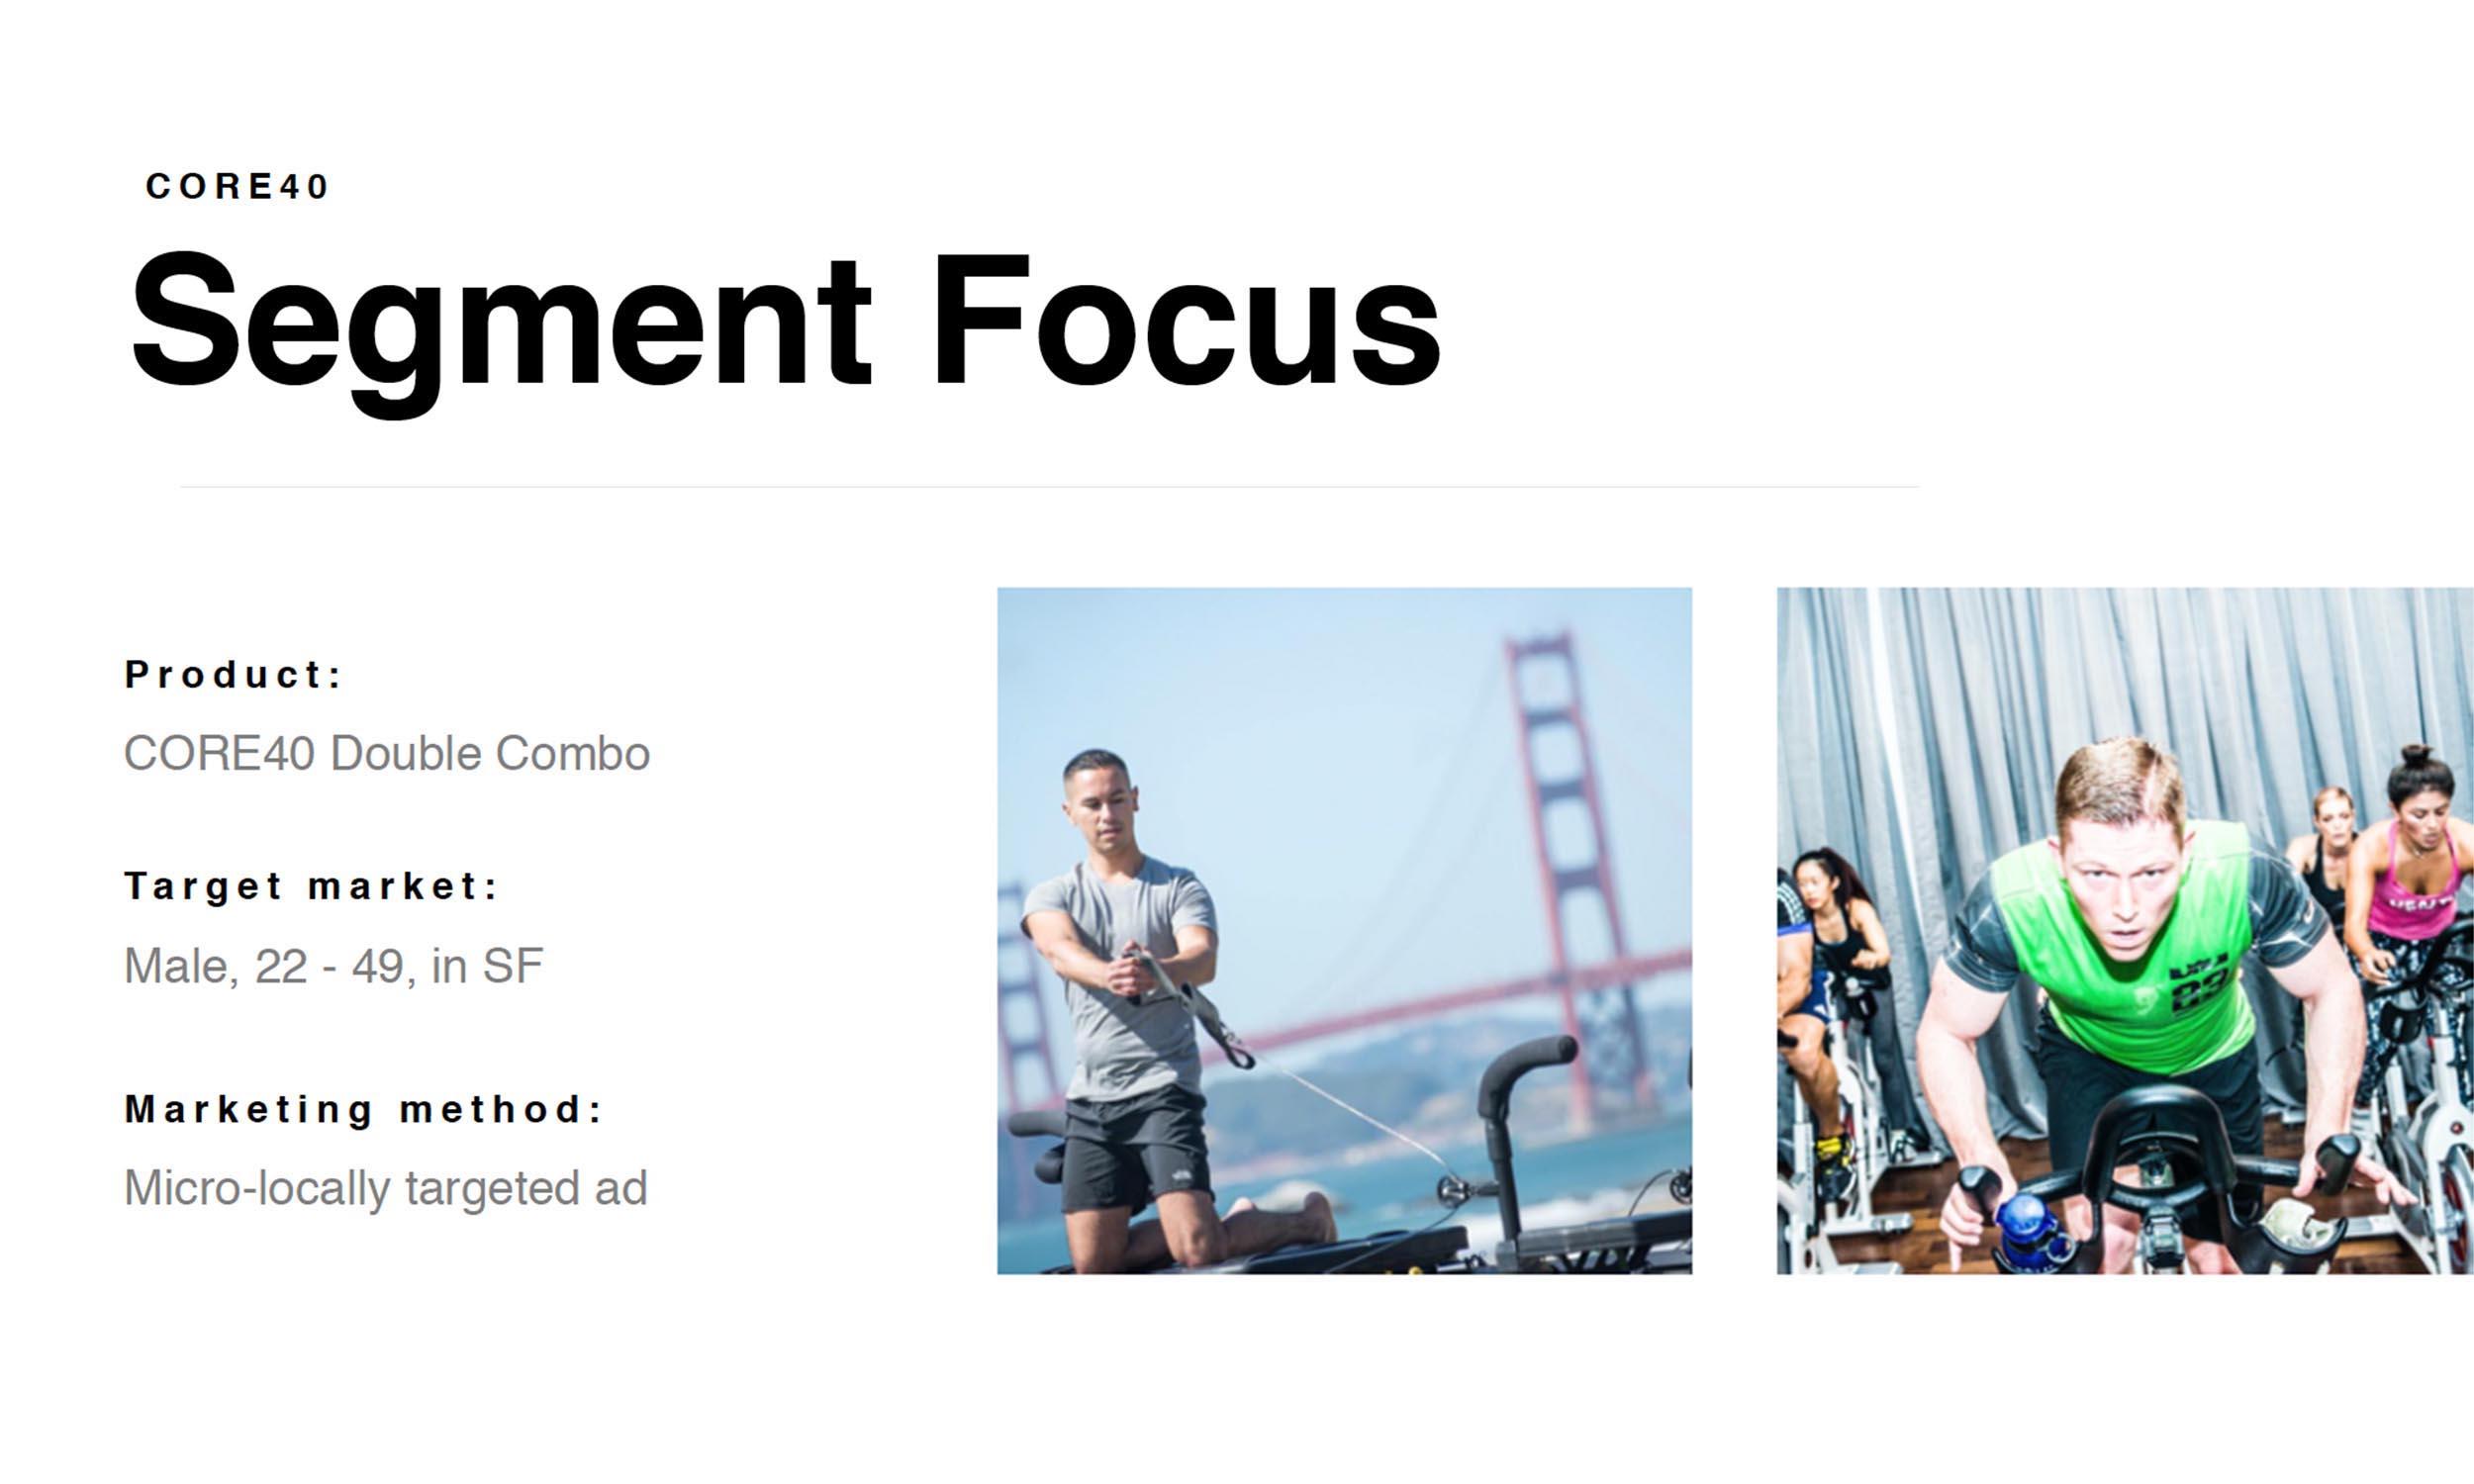 core40-segment-focus.jpg